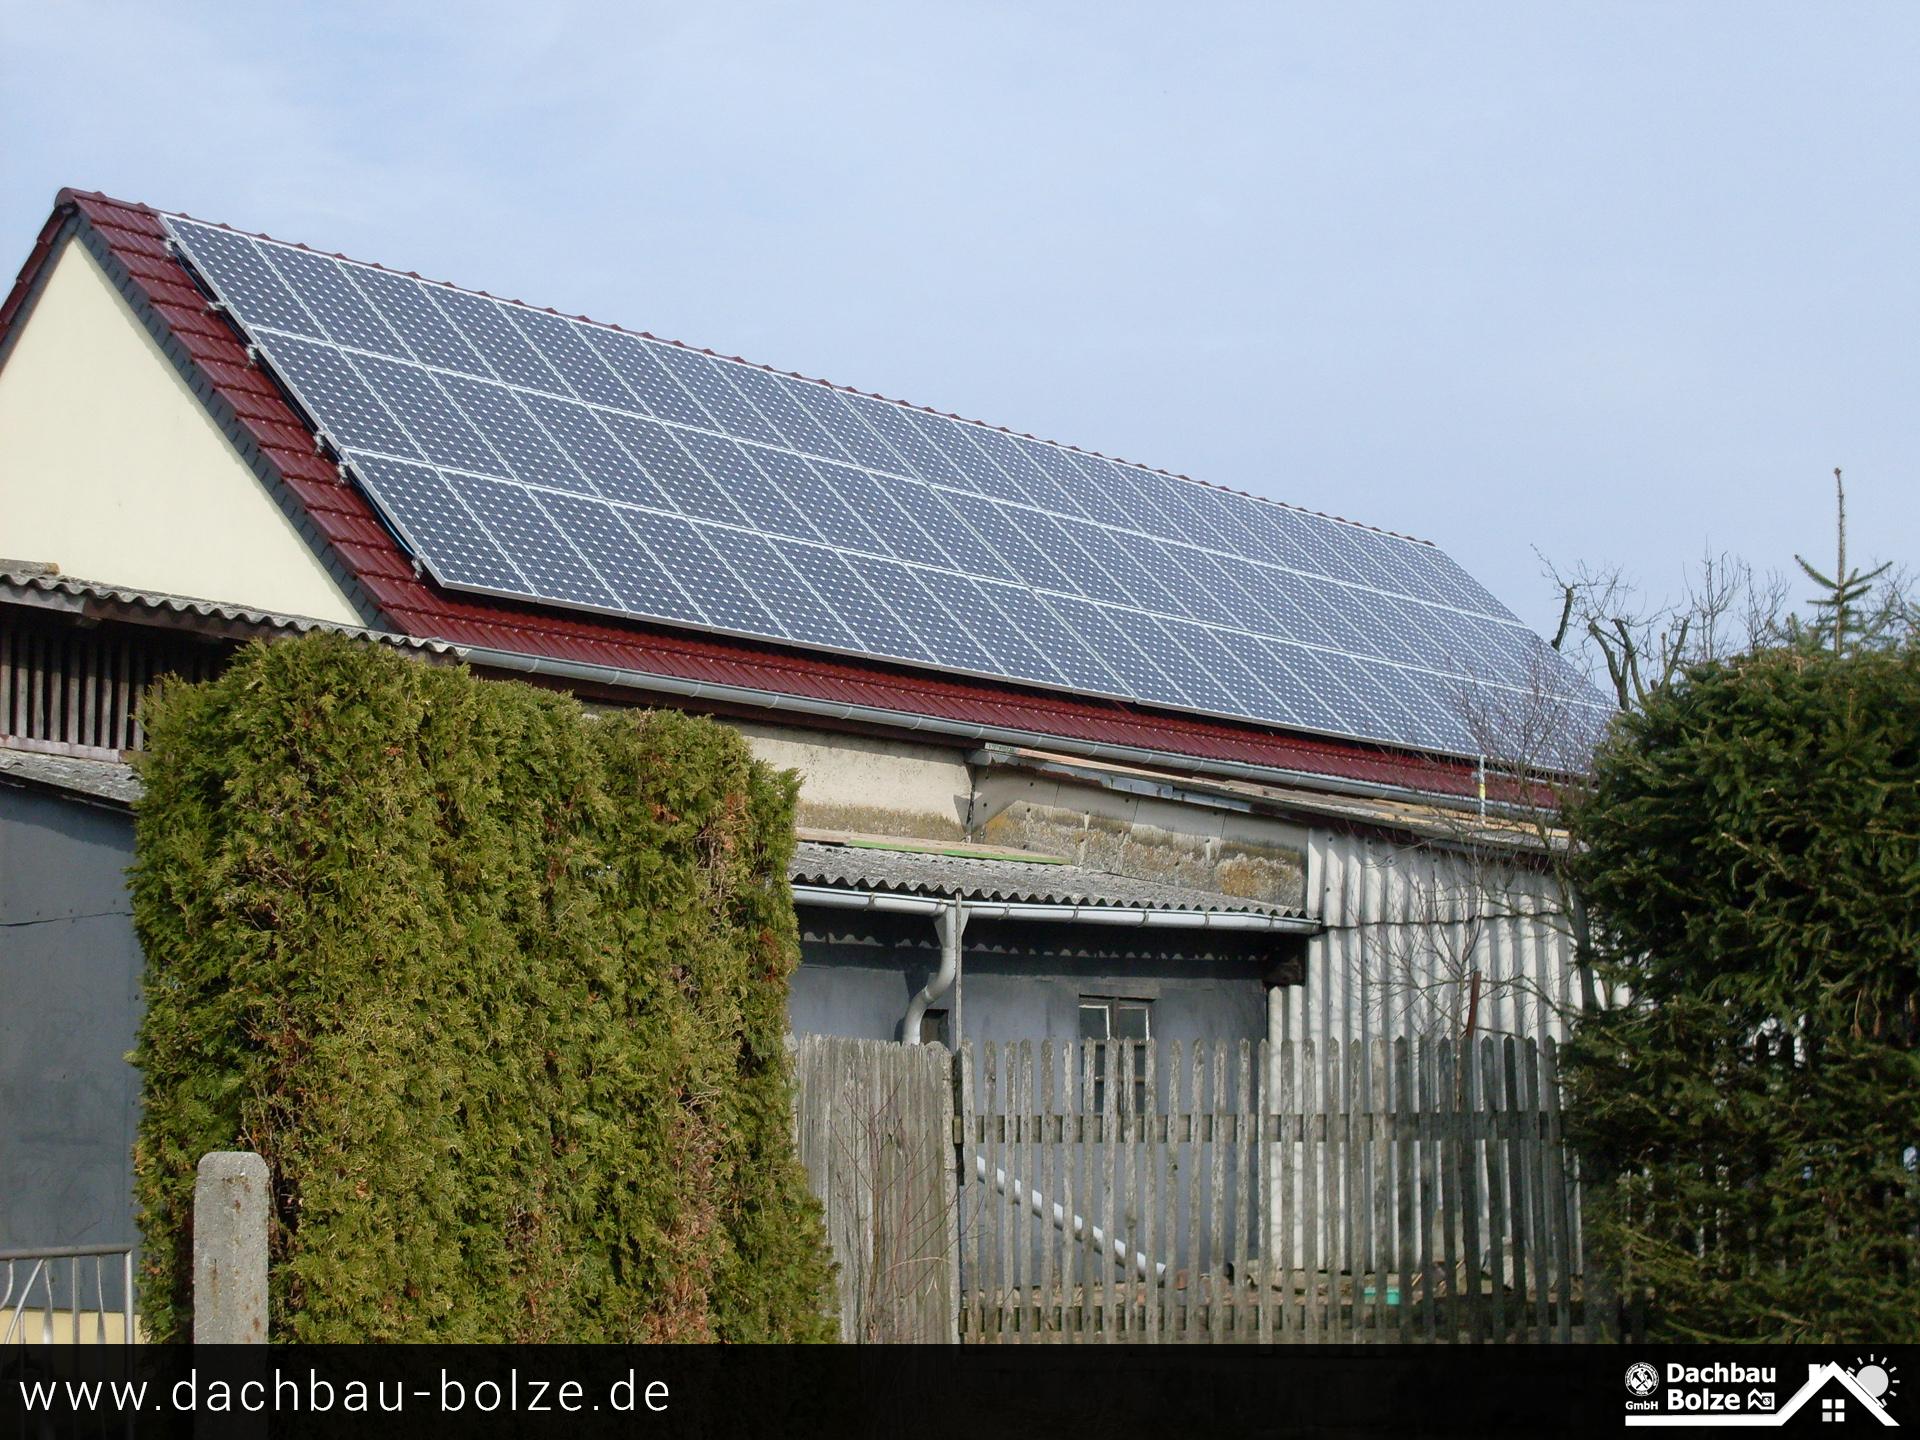 Dacheindeckung & Photovoltaikanlage Dachbau-Bolze